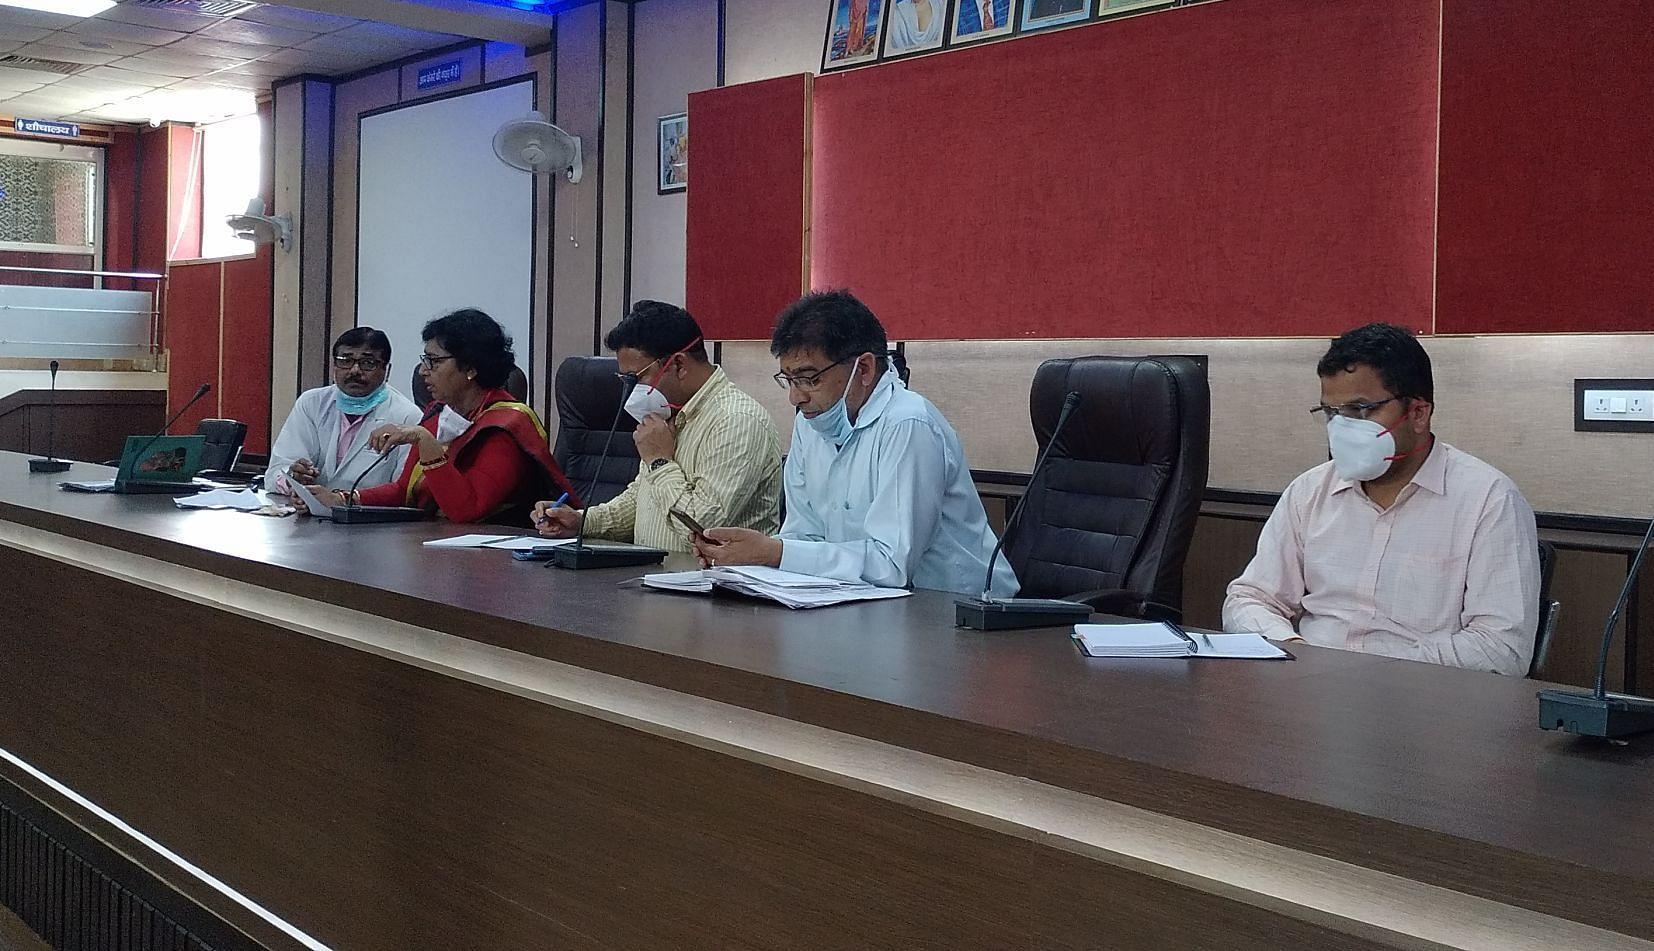 काशीपुर नगर निगम में पार्षदों की बैठक लेते एसडीएम। संवाद न्यूज एजेंसी